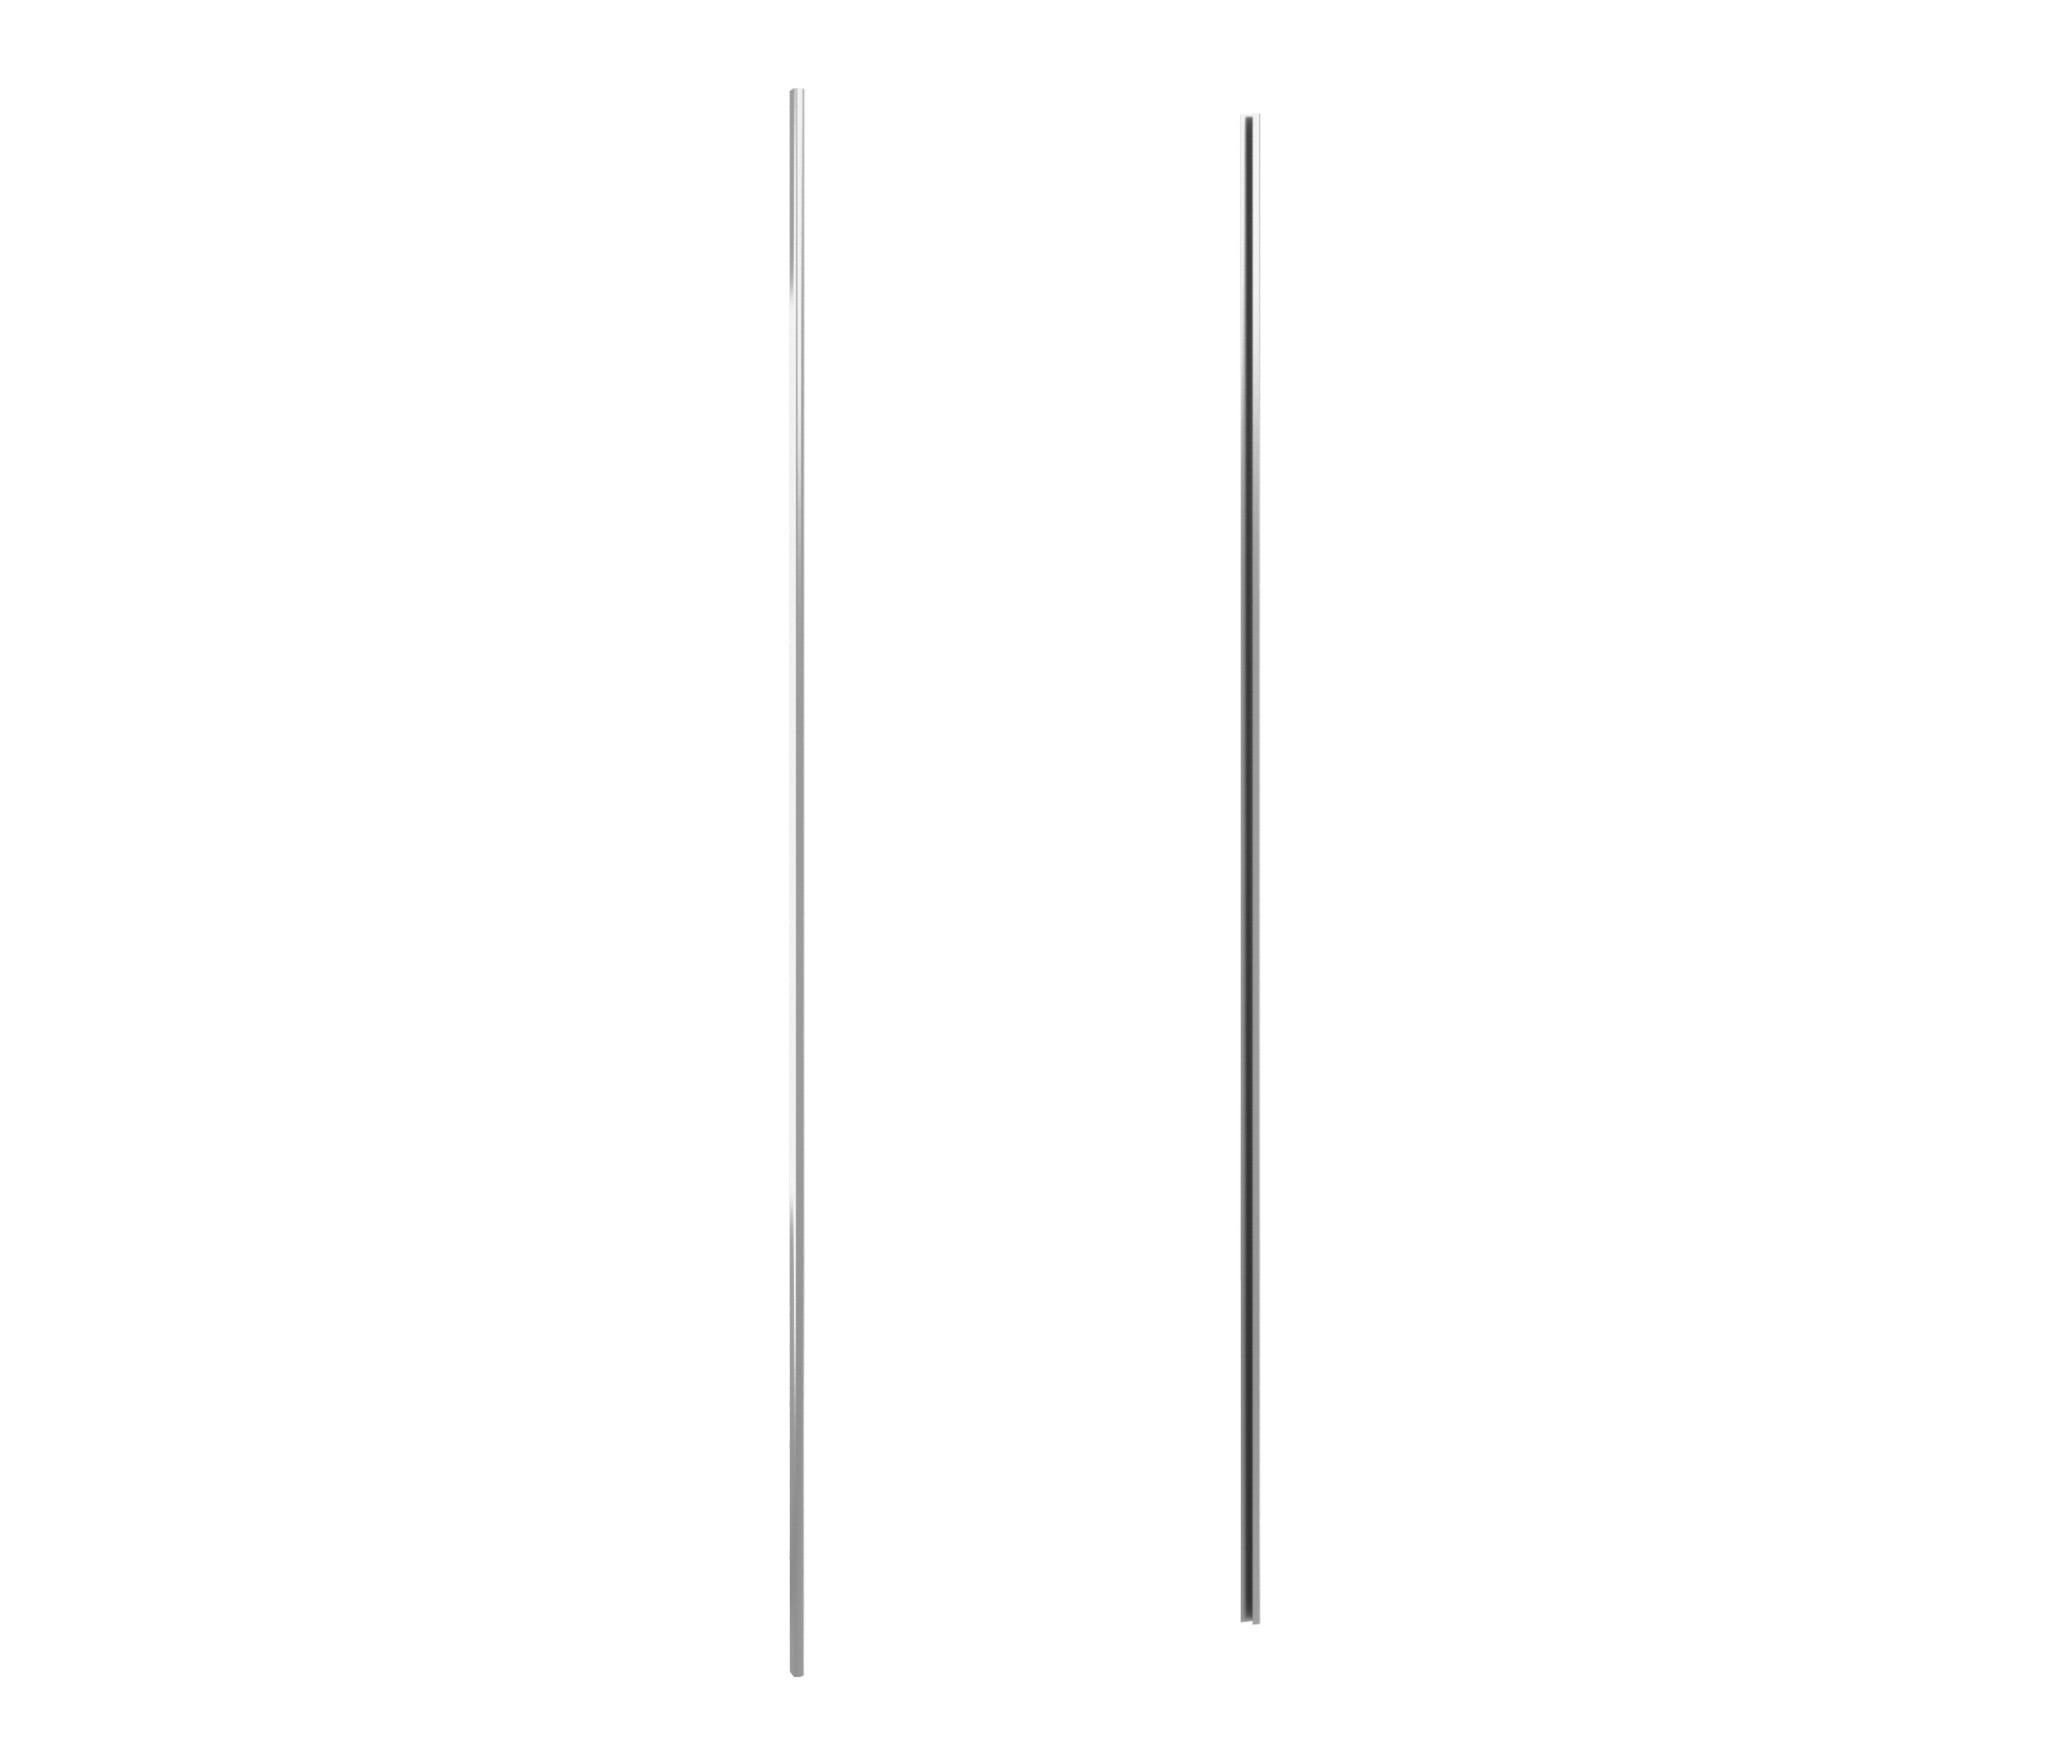 Палермо Комплект профилей для шкафа-купе 1350Комплектующие<br>Профиль для шкафа-купе  Палермо  изготавливается из стальной ленты самого высокого качества, покрытой с обеих сторон слоем цинка, который не боится влажности и не подвержен коррозии.<br><br>Длина мм: 1350<br>Высота мм: 2224<br>Глубина мм: 0